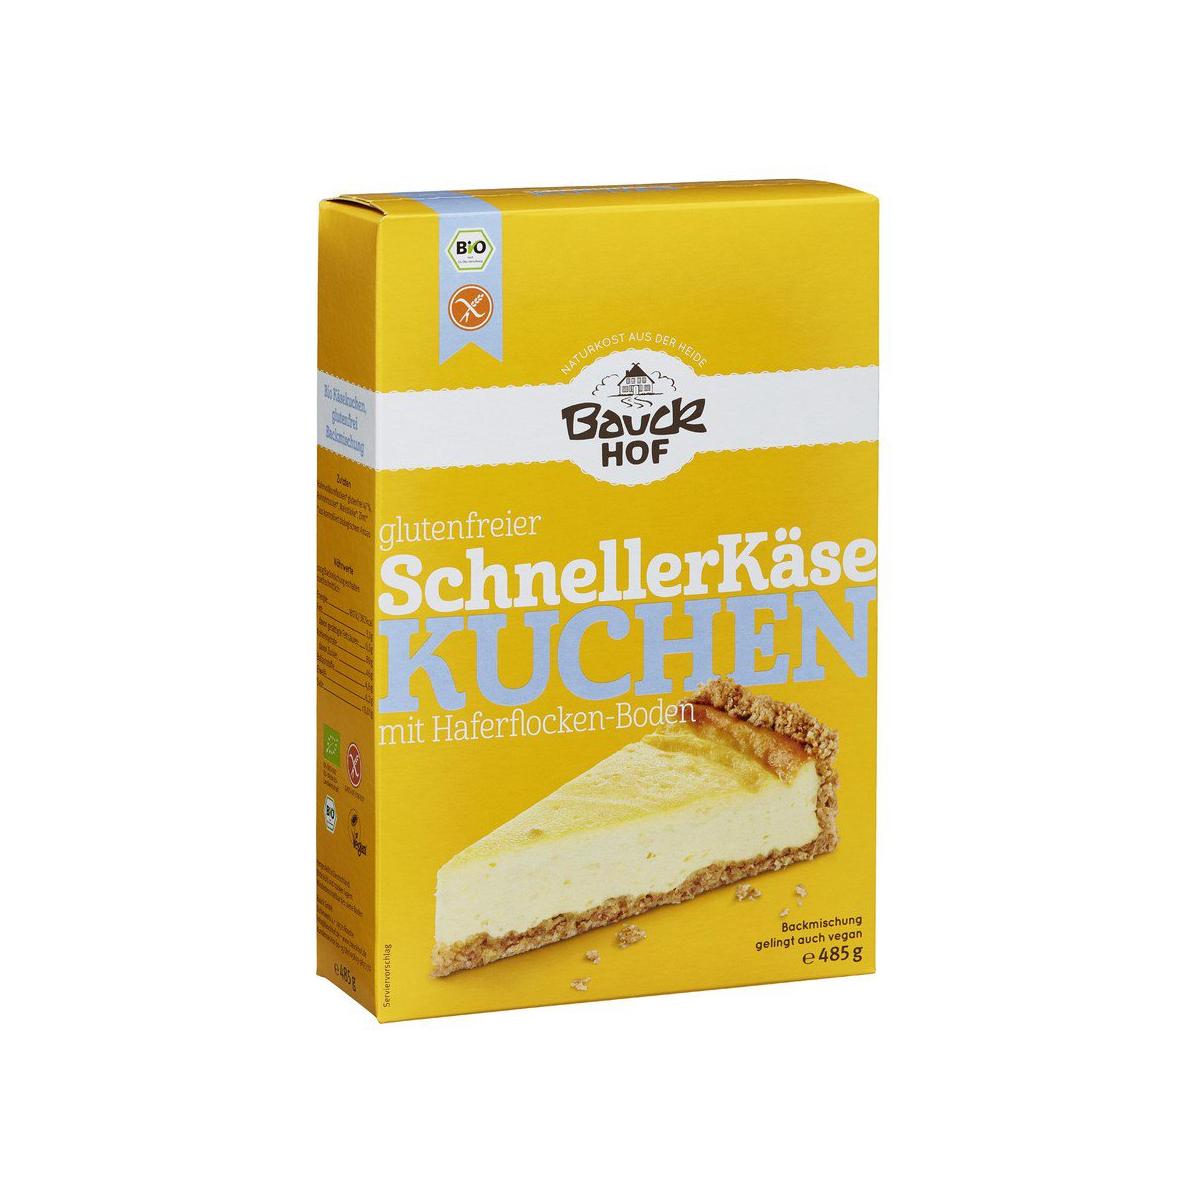 Schneller Käsekuchen (QUARKTORTE) glutenfrei